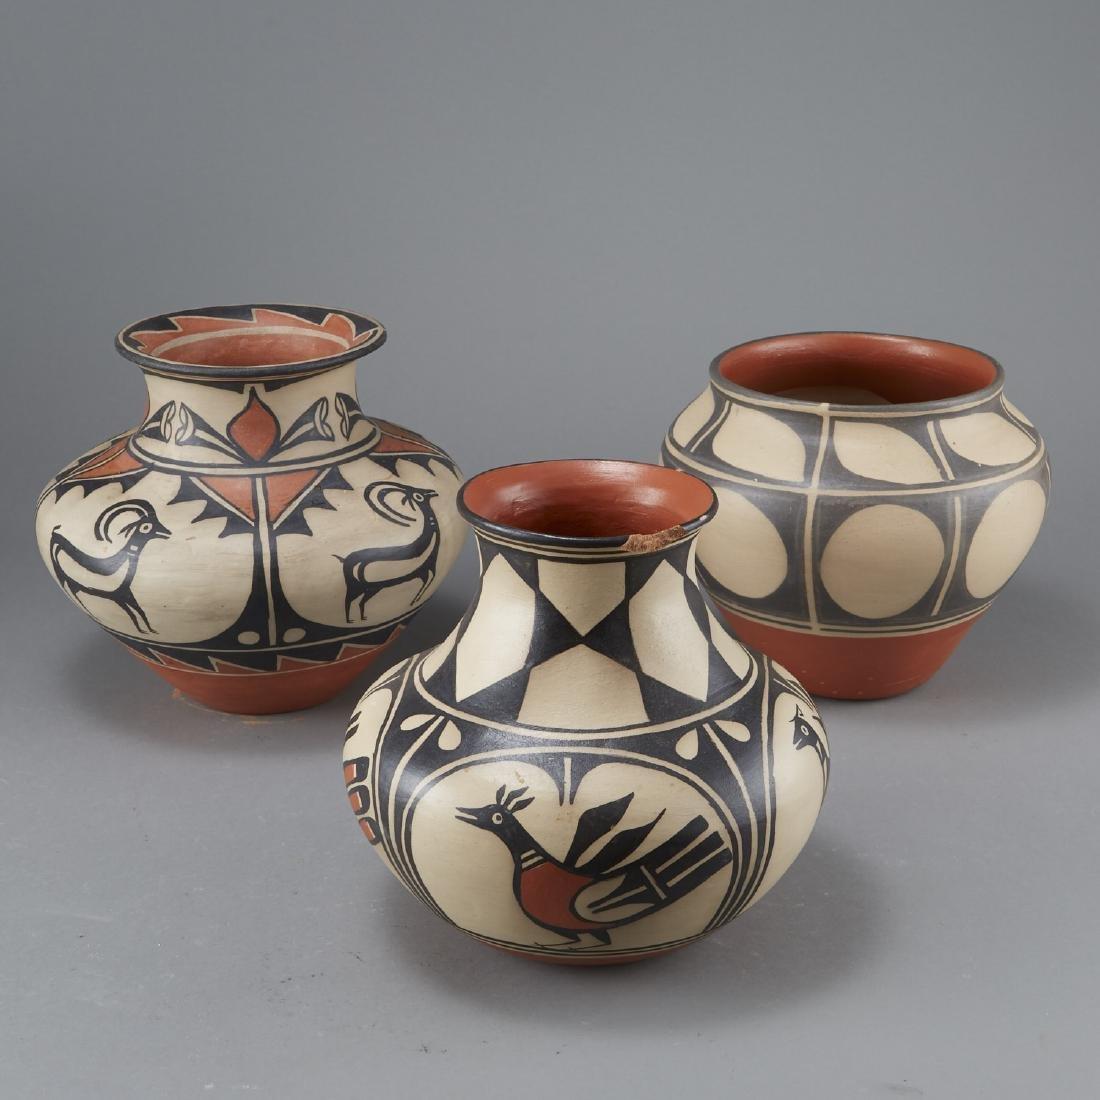 3 Tenorio Kewa Santo Domingo Pottery Jars - 2